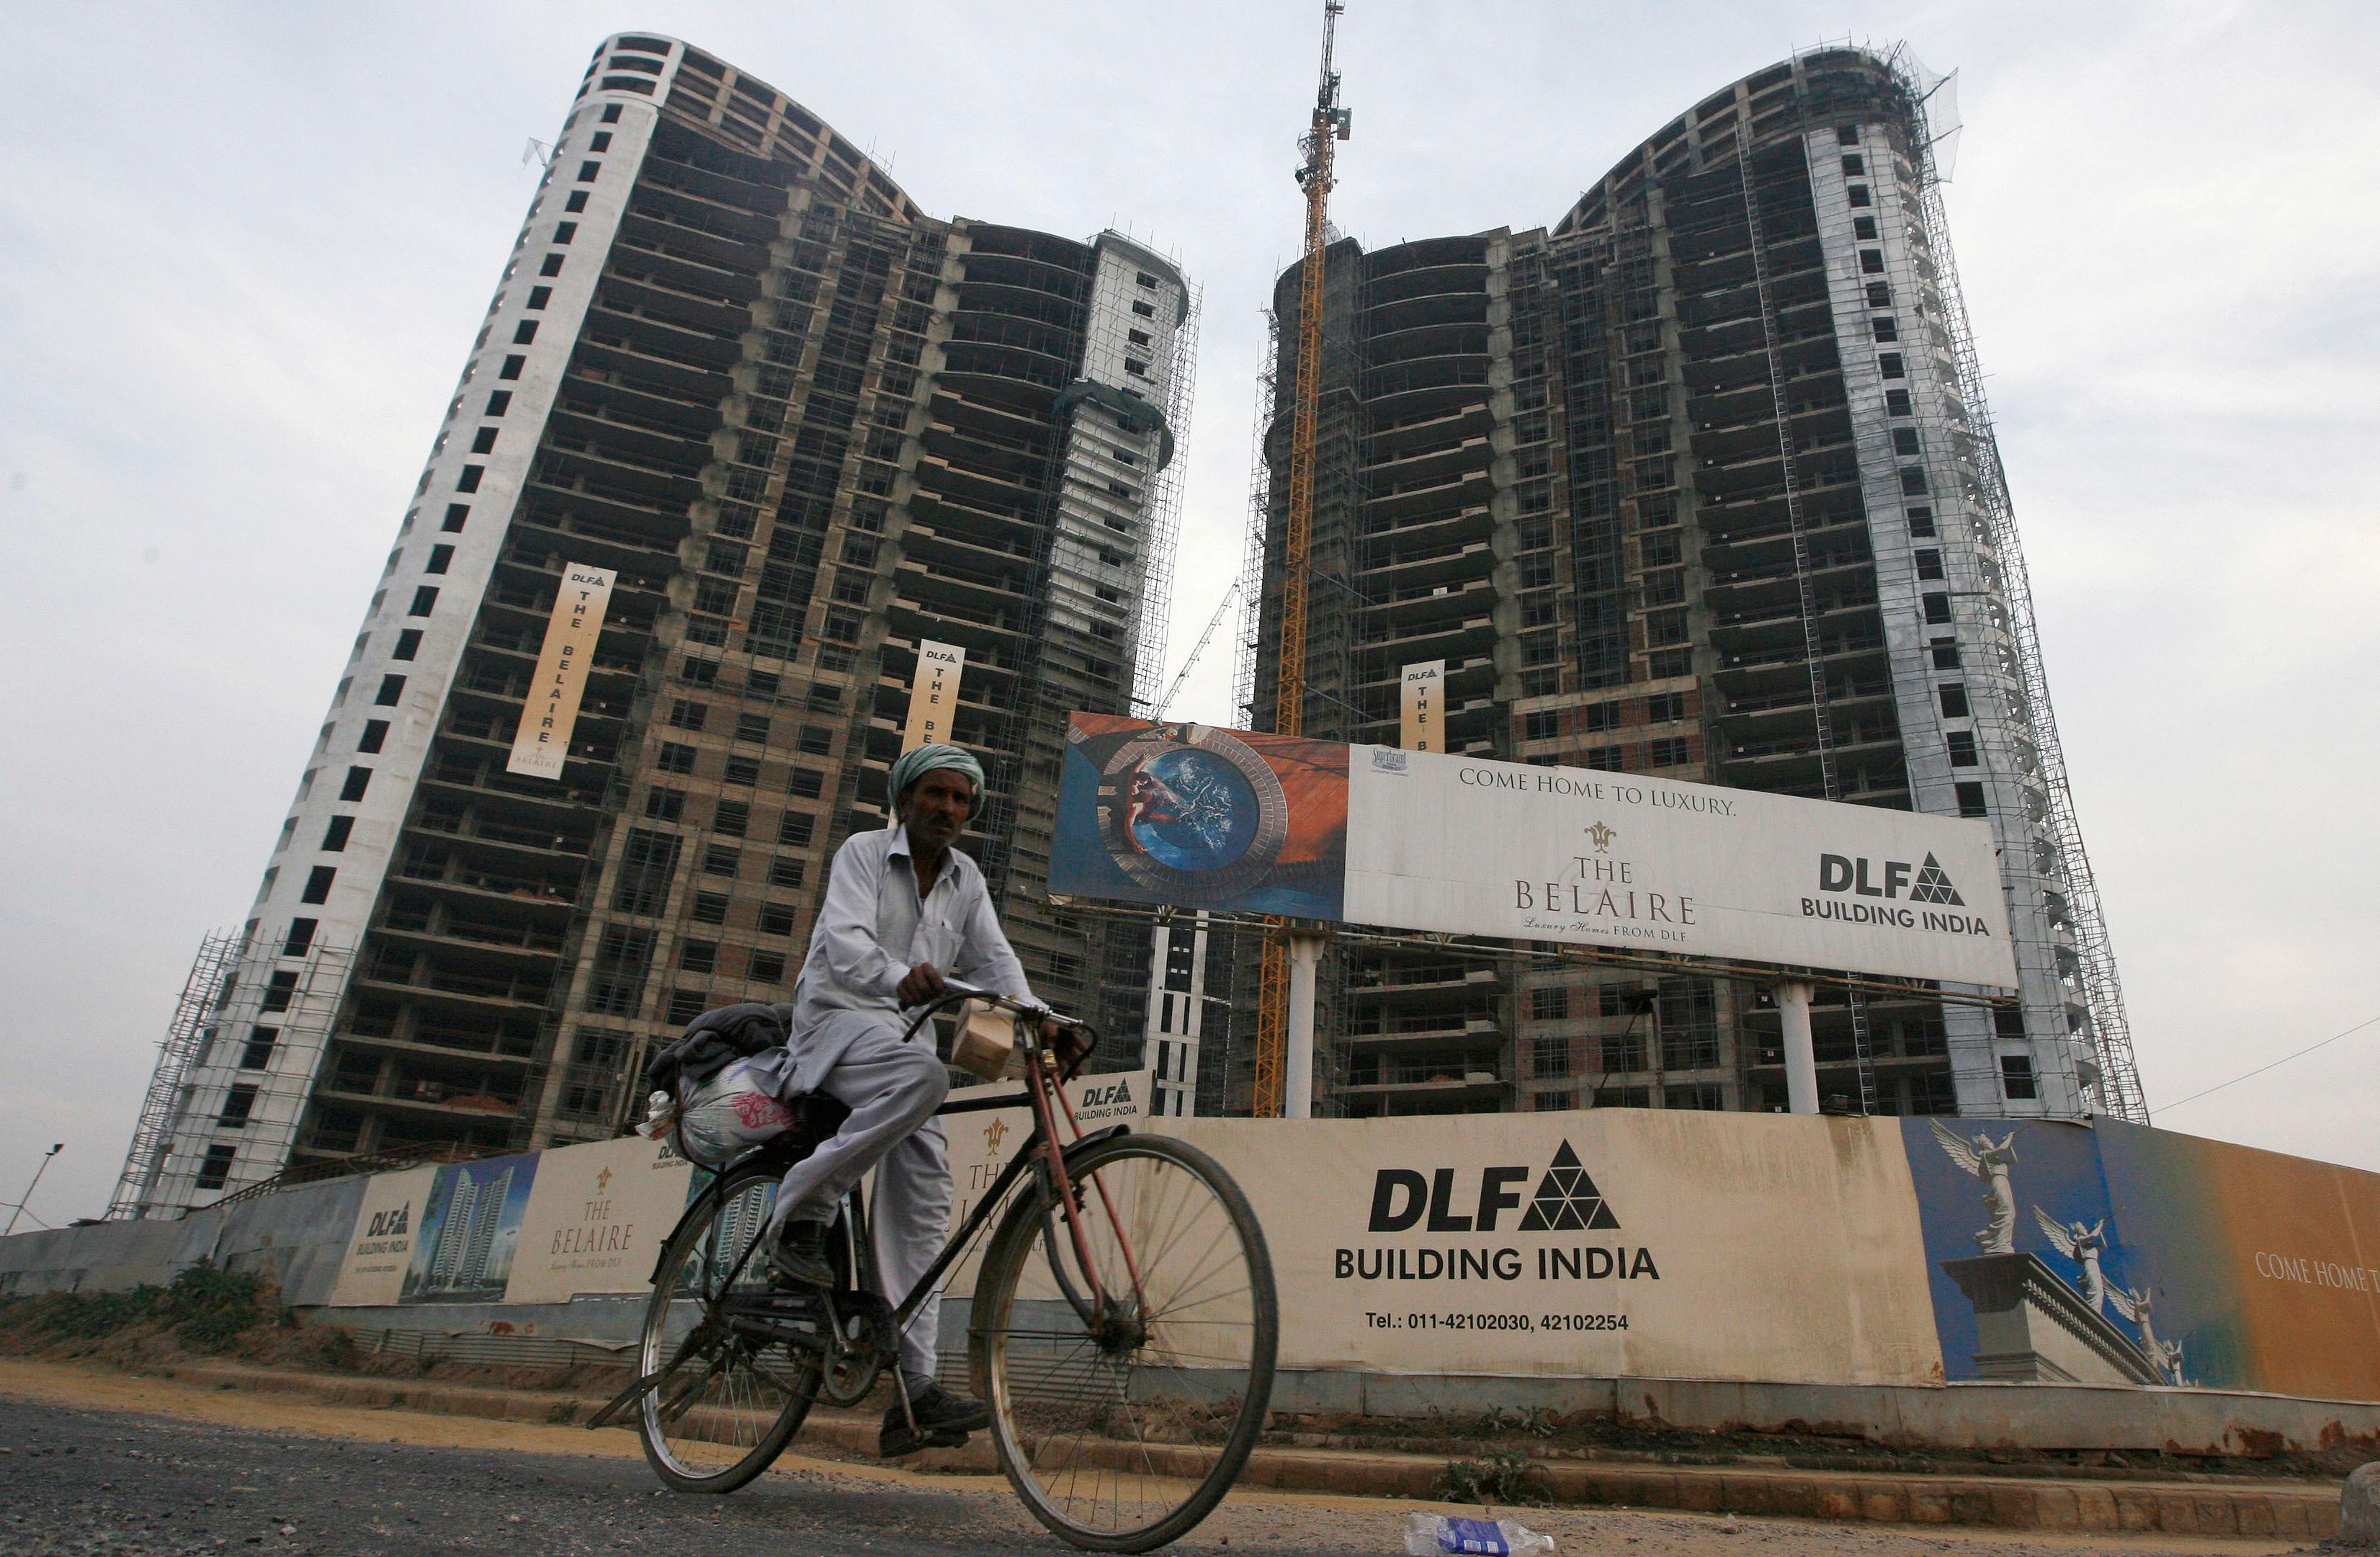 DLF raises $155M through debentures